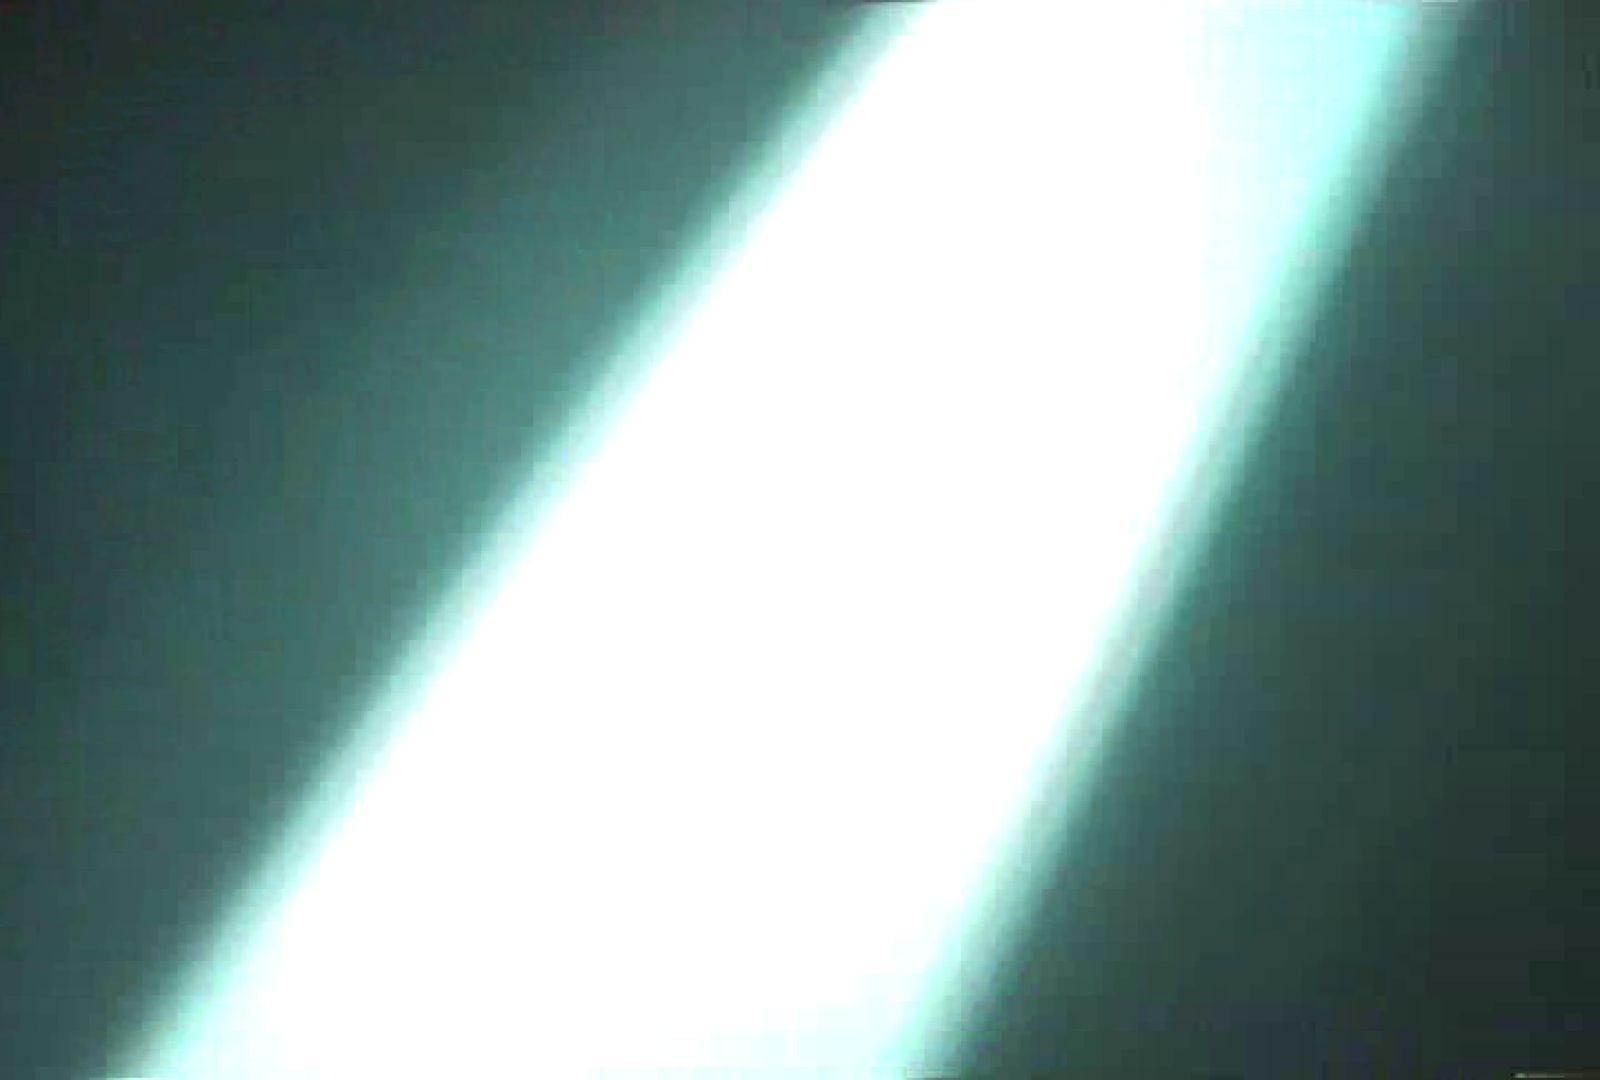 「充血監督」さんの深夜の運動会!! vol.063 ギャル達 | カップルのsex  105枚 66